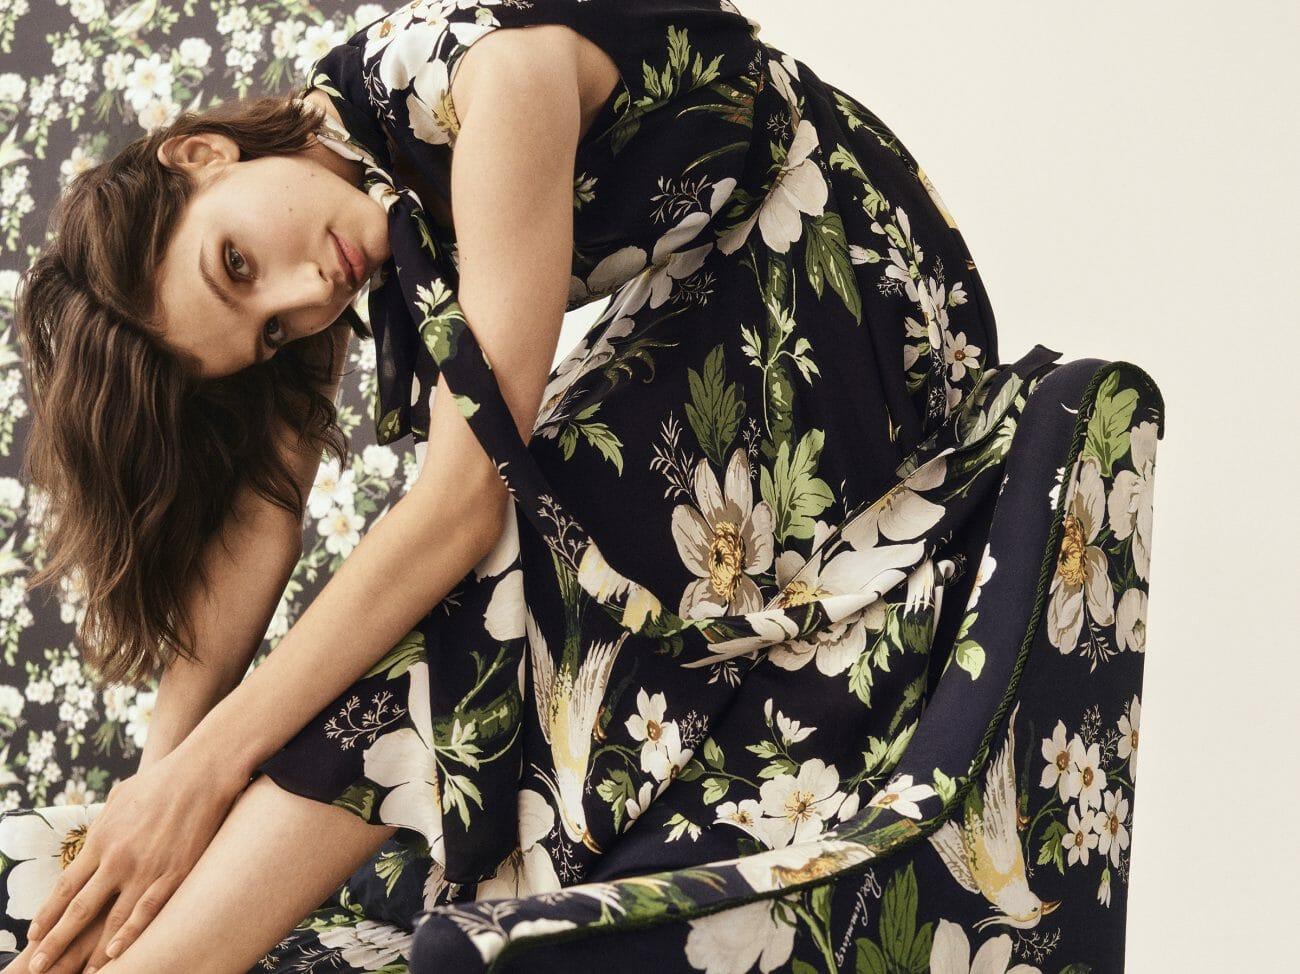 carolina herrera new york модель в чёрном платье с цветами